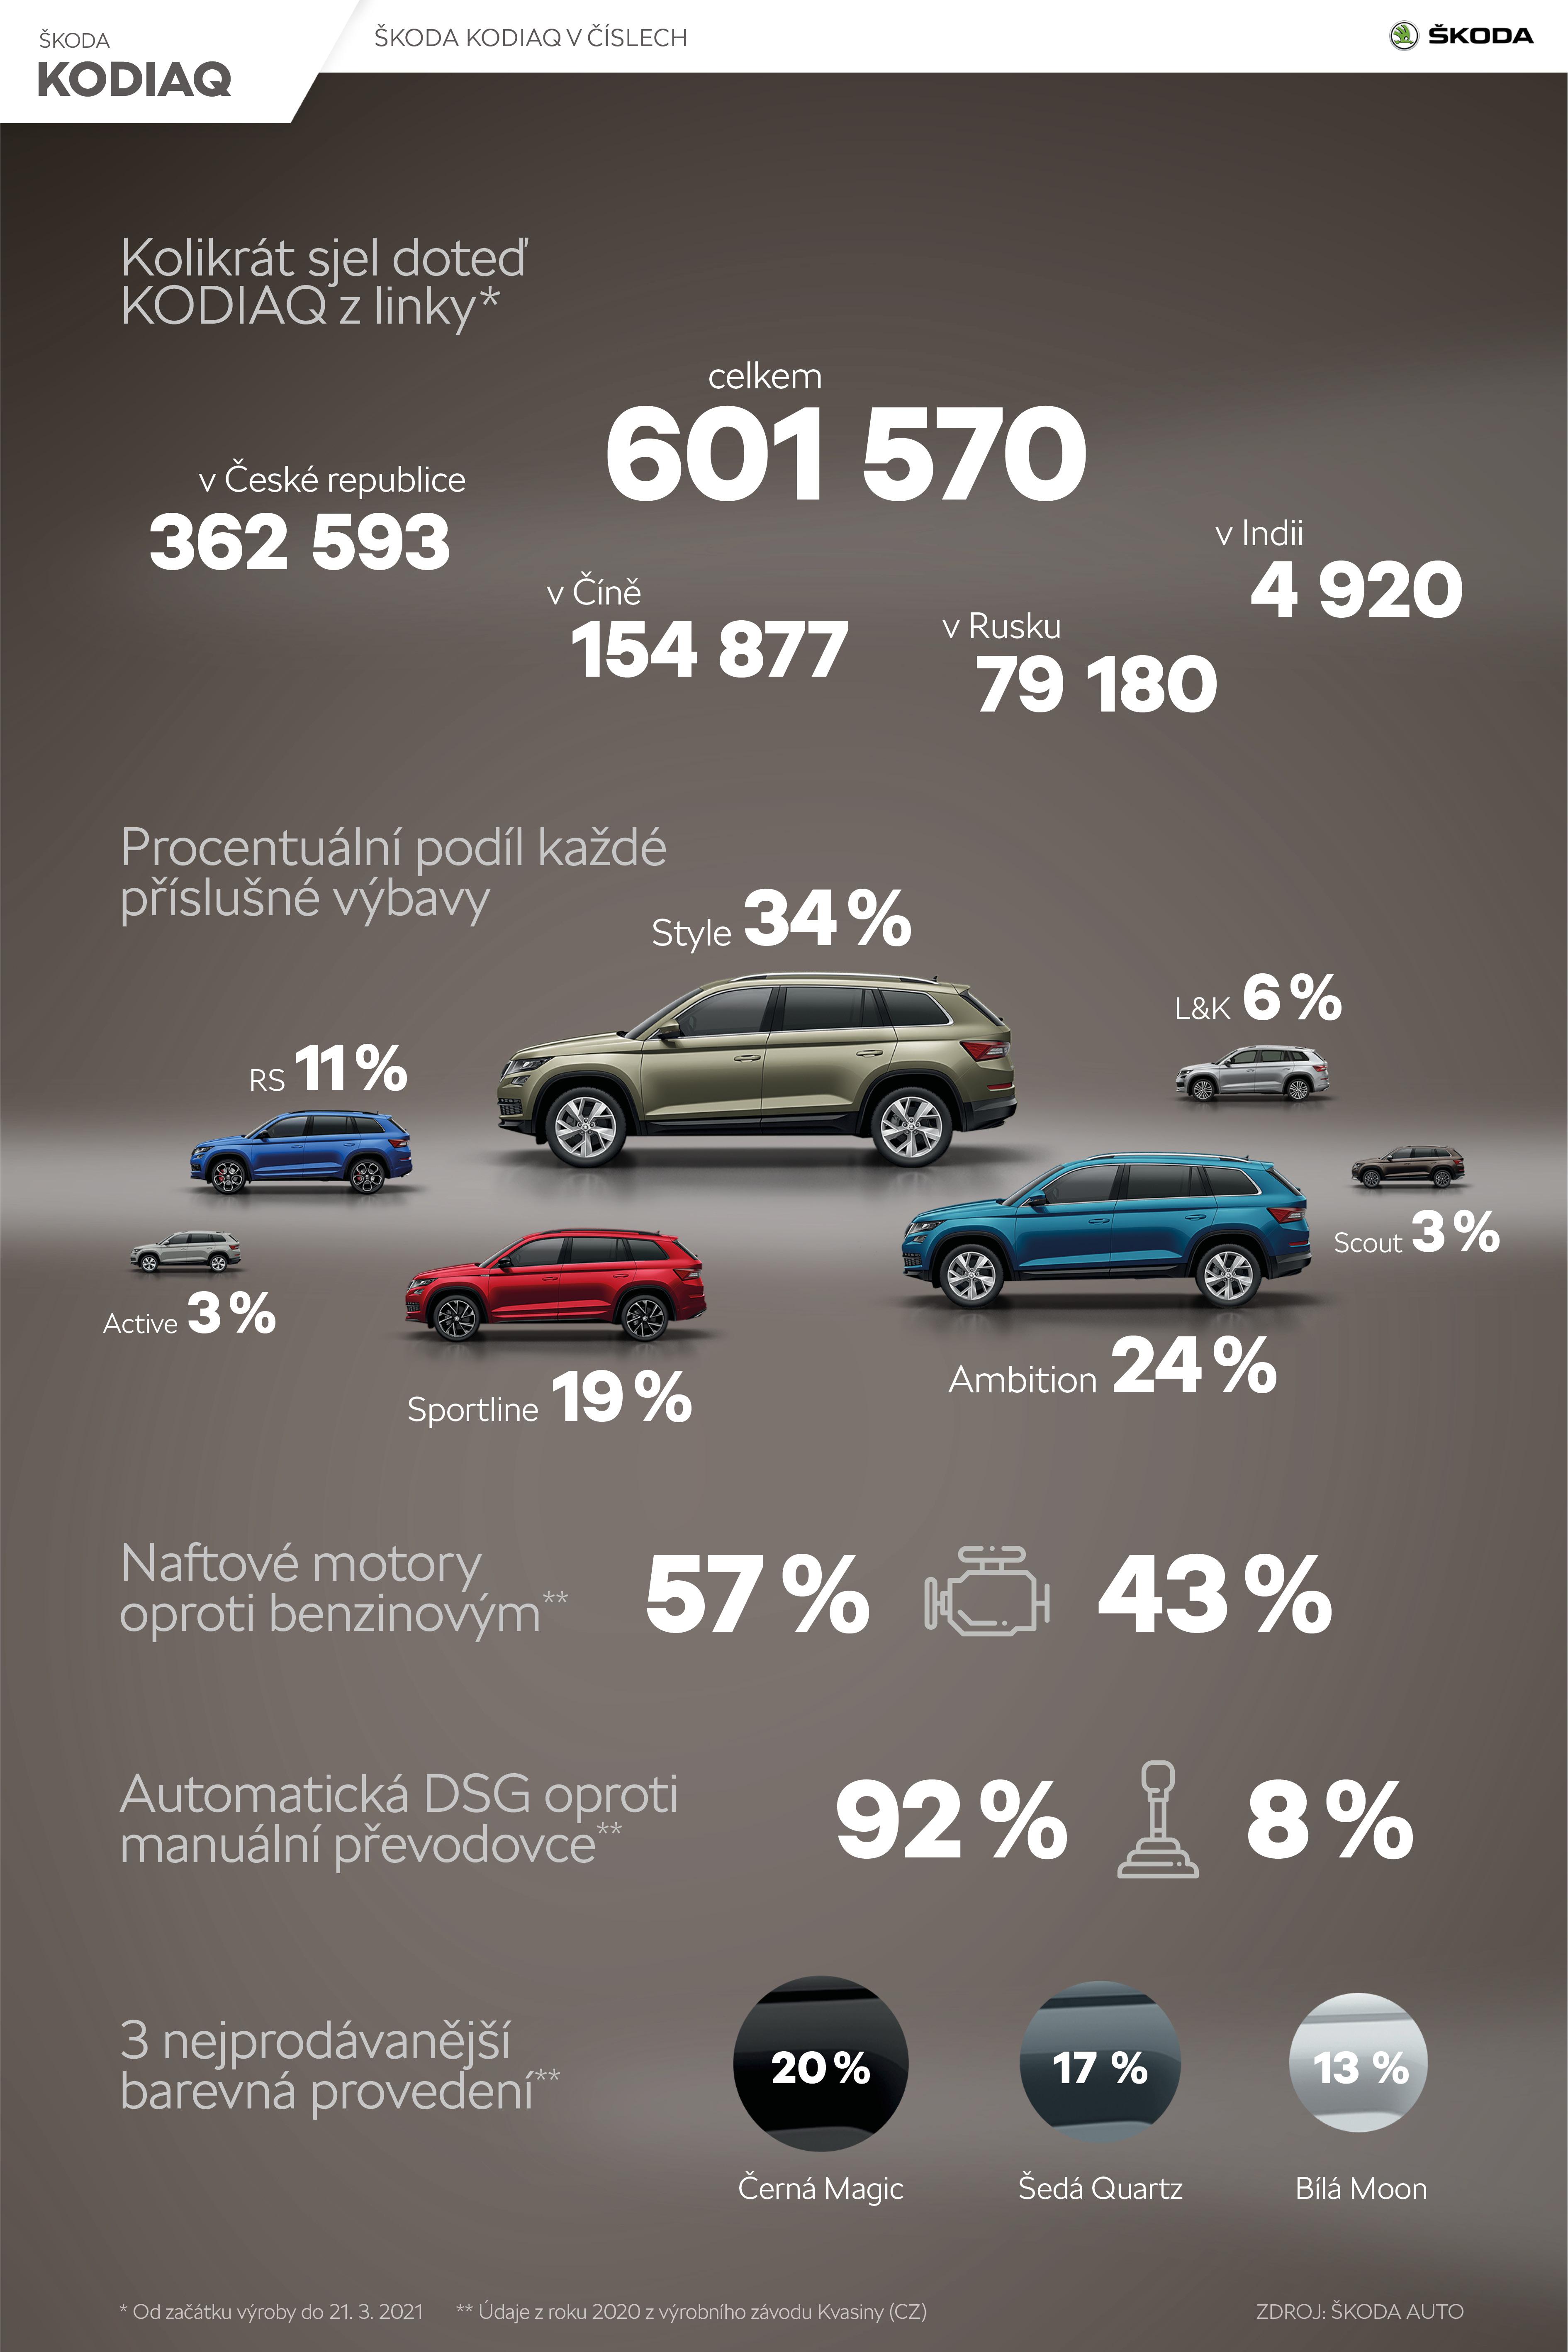 ŠKODA KODIAQ - Infografika